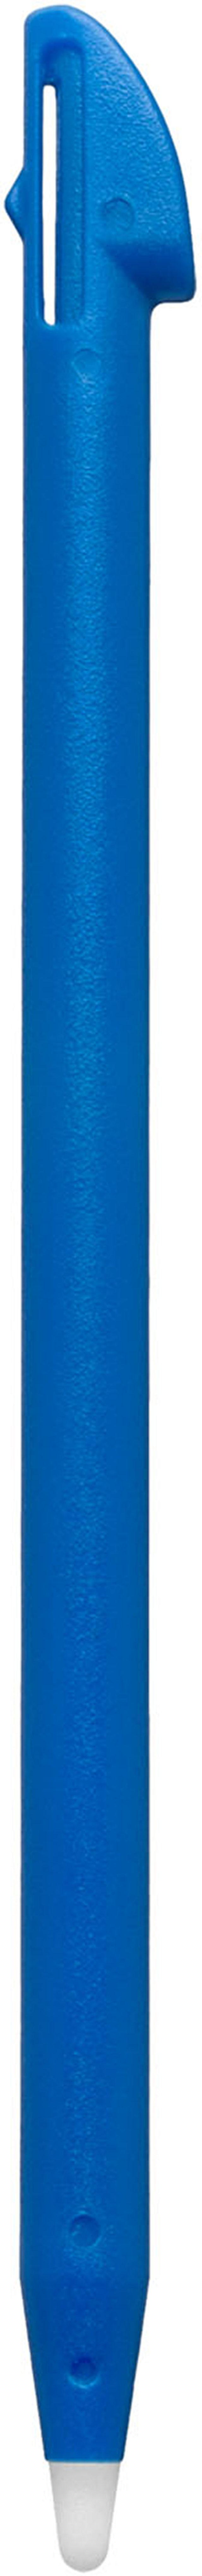 PACK PURE XL – Bild#2tutu#4tutu#6tutu#8tutu#9